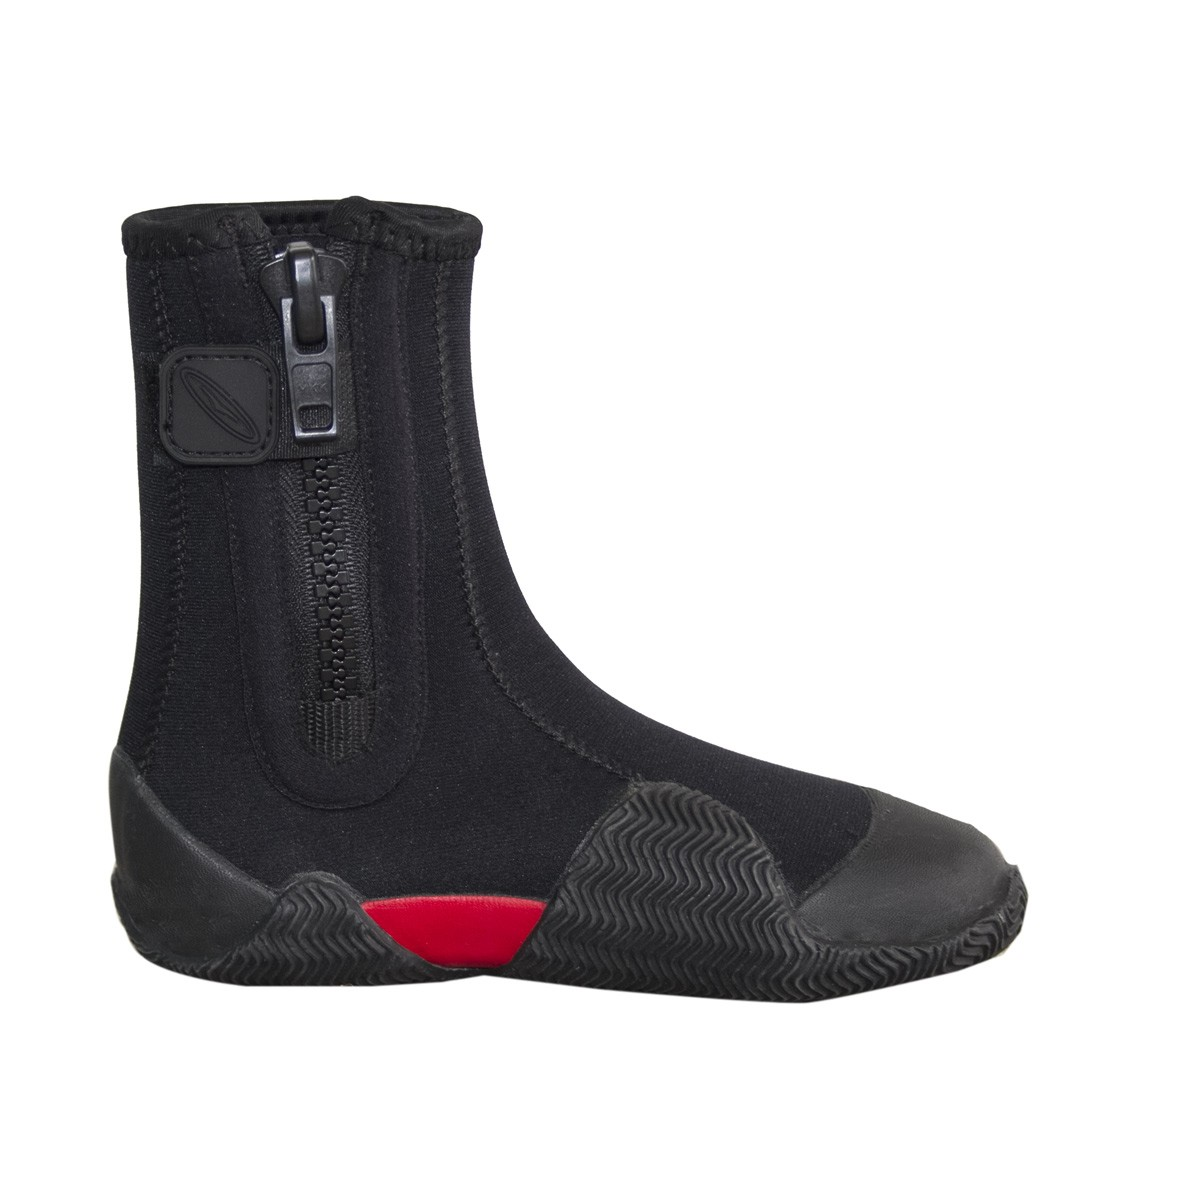 dětské neoprénové boty POWER BOOT EZ 5mm '18 GUL - JM